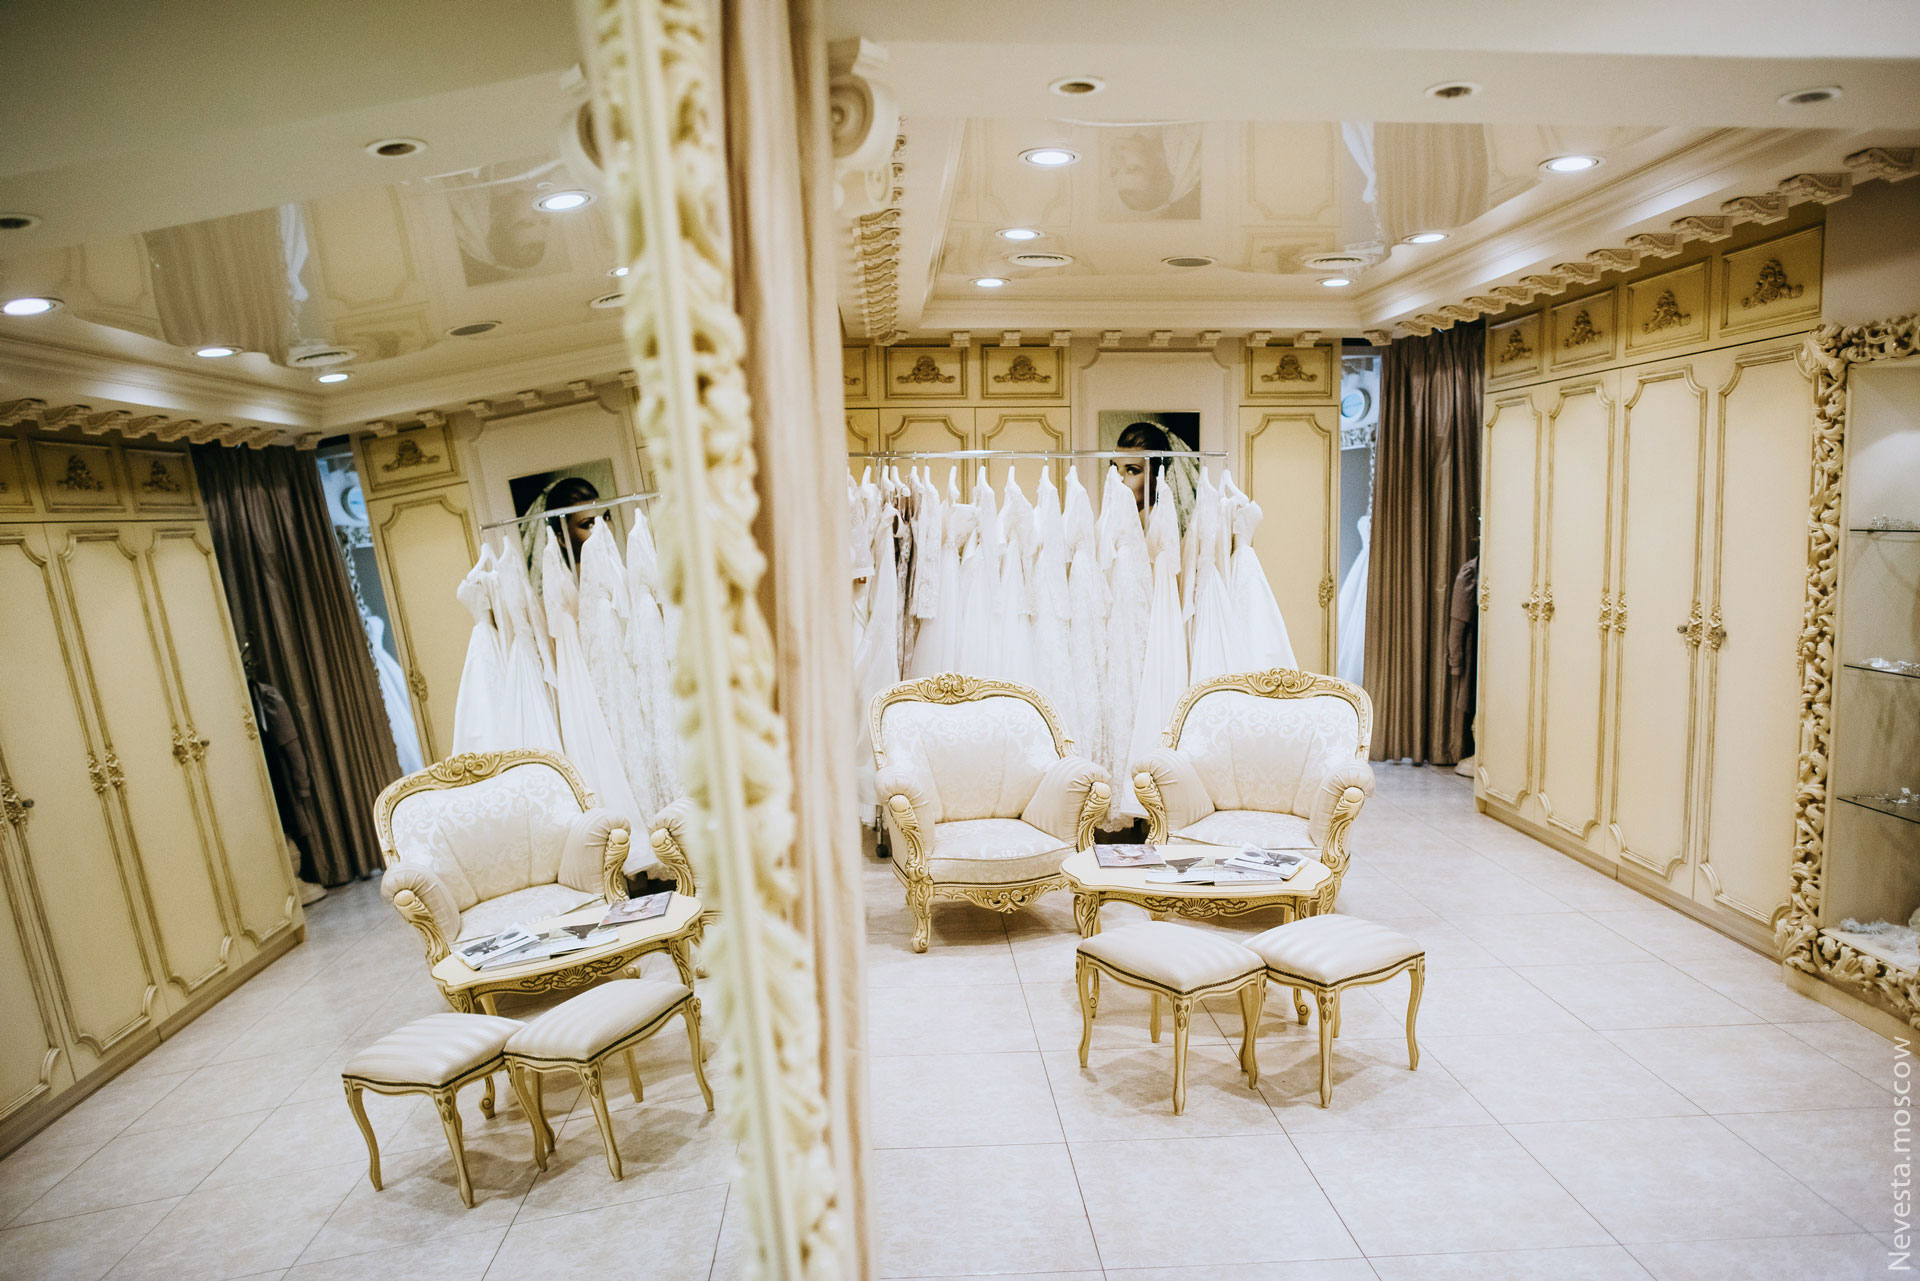 Корнелия Манго невеста свадьба выбор платья фото 15